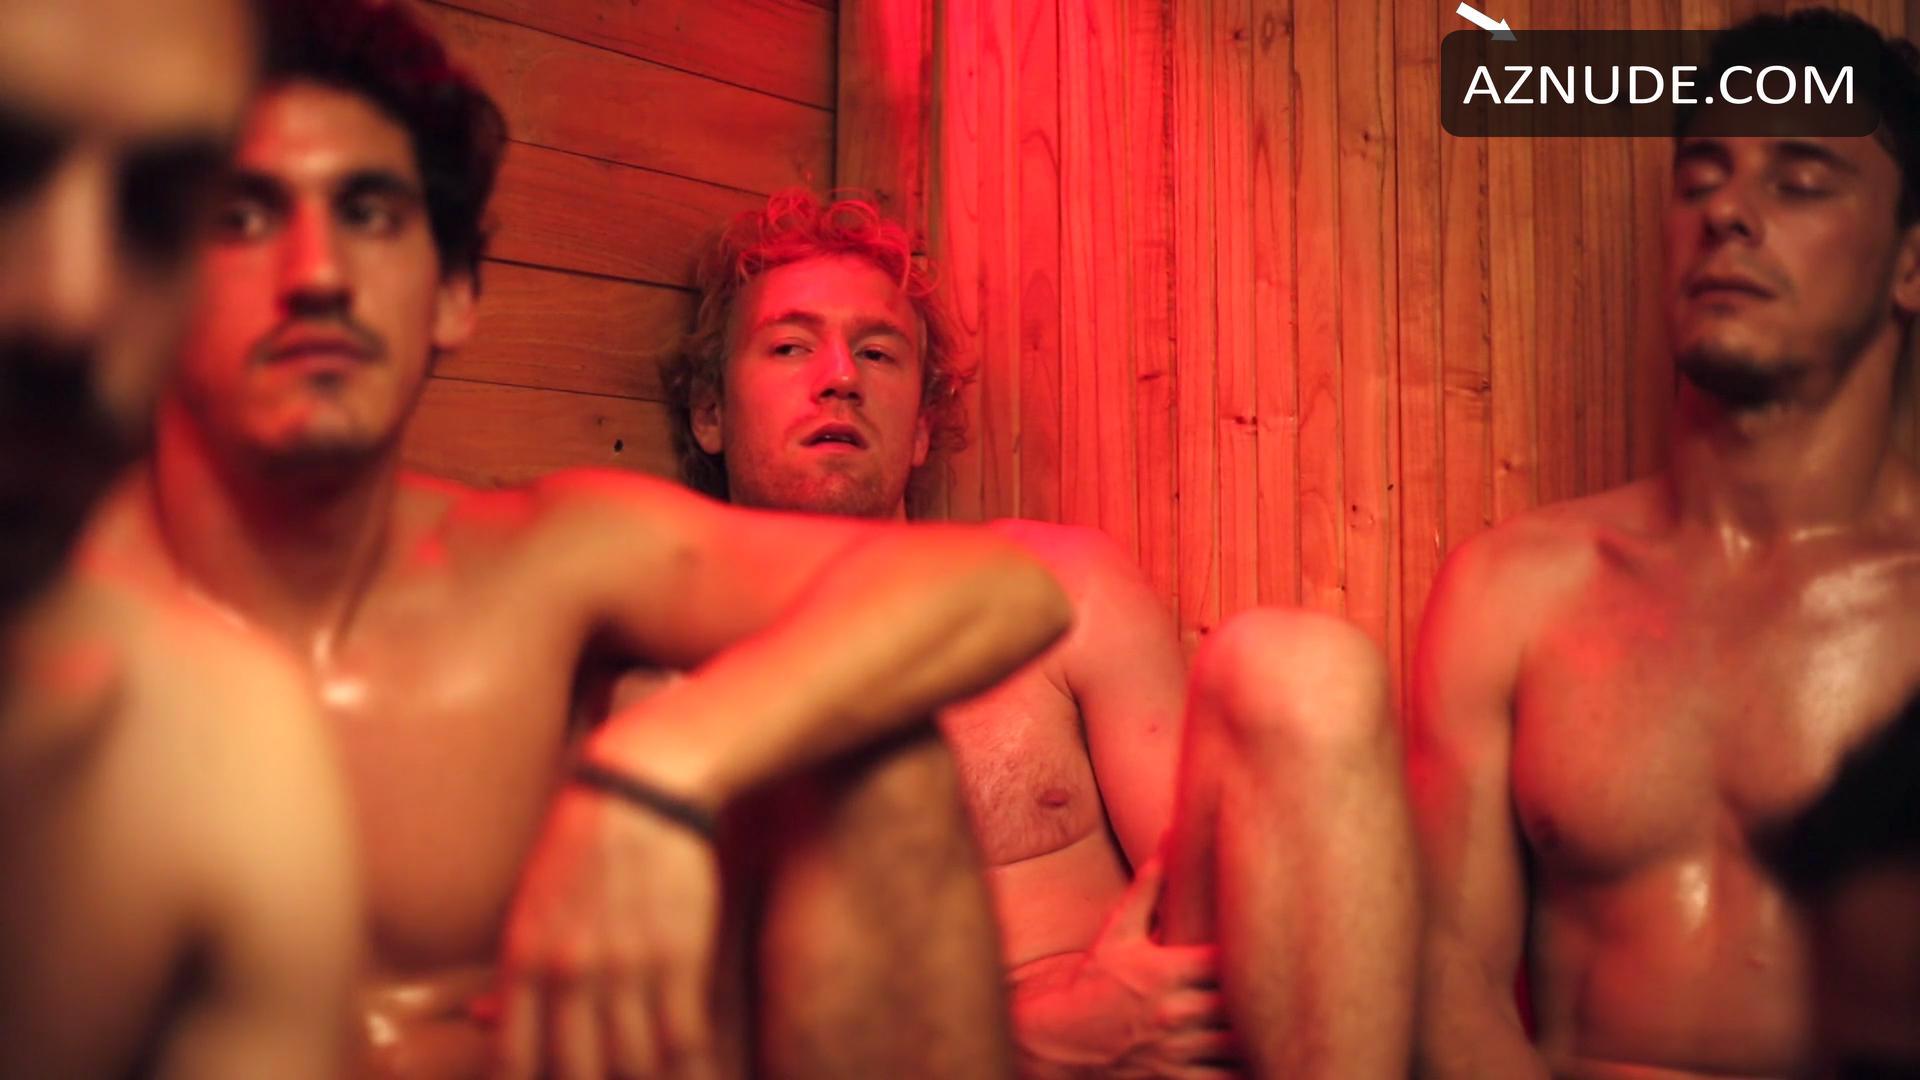 Tits Taekwondo Nude Pic